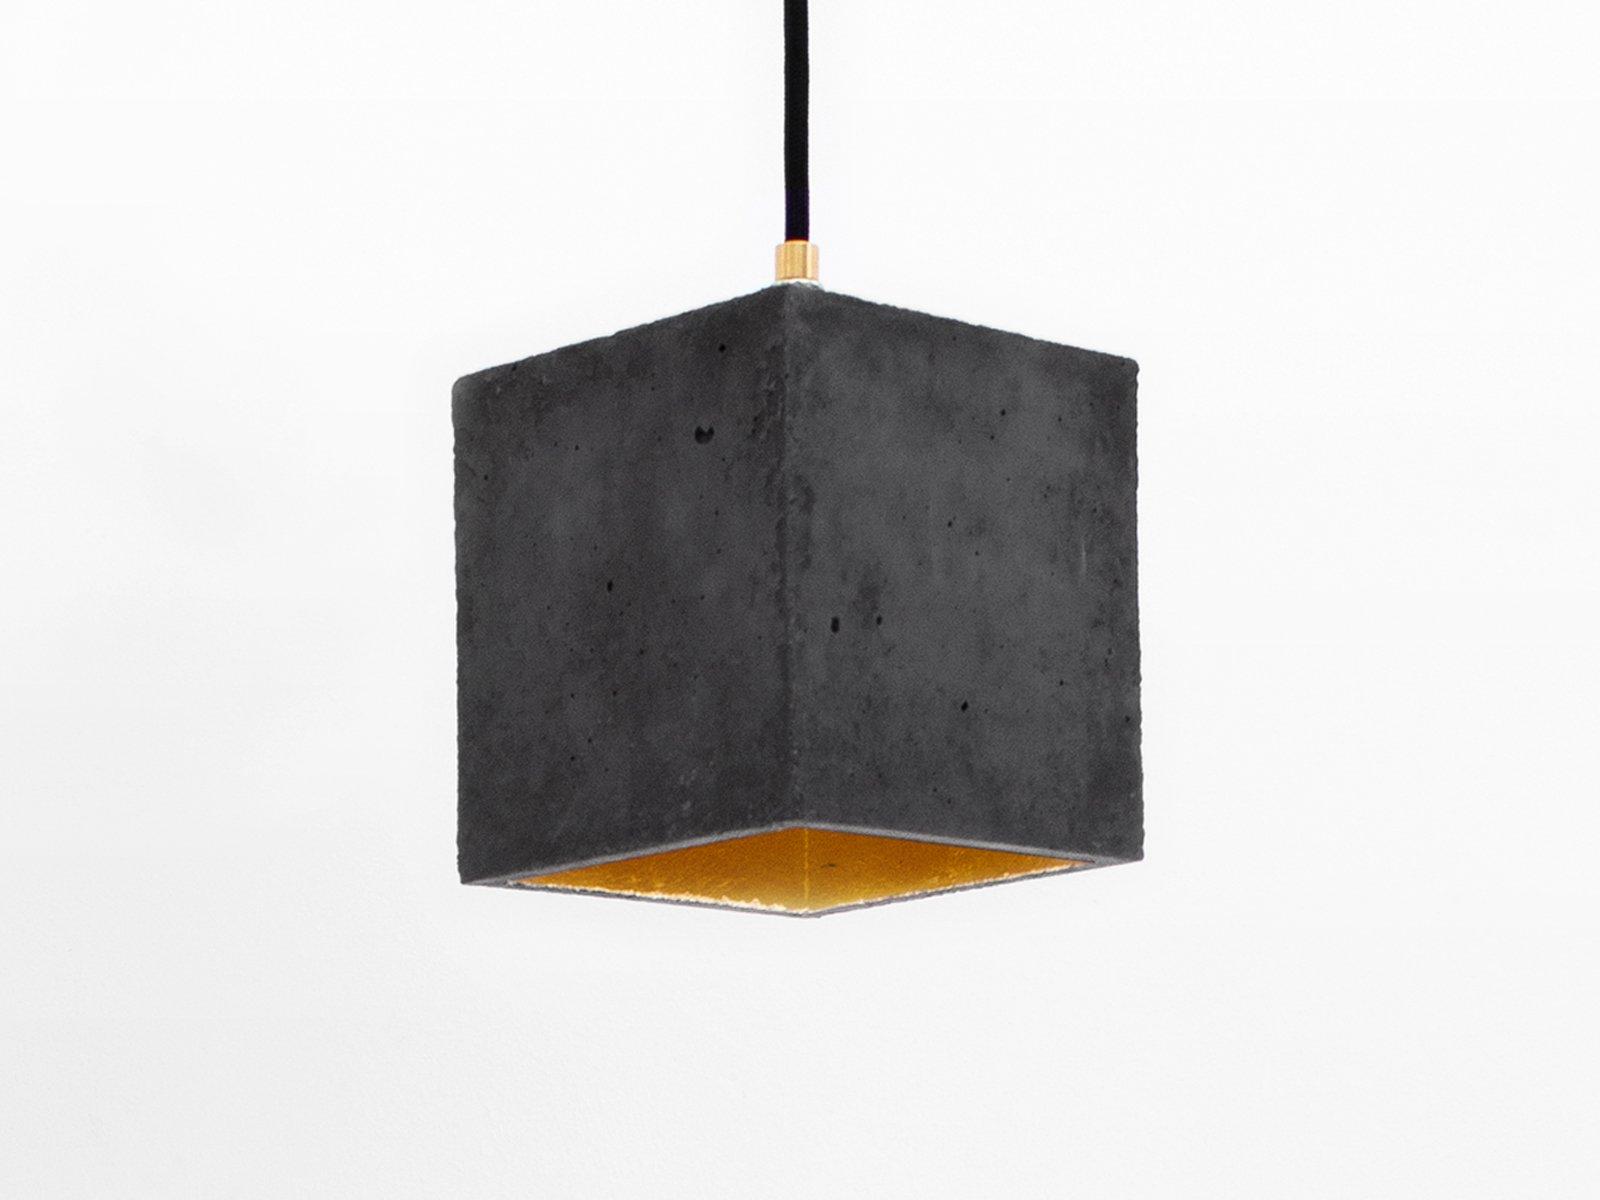 [B1] Hängelampe aus dunklem Beton & Gold in Würfelform von Stefan Gant...